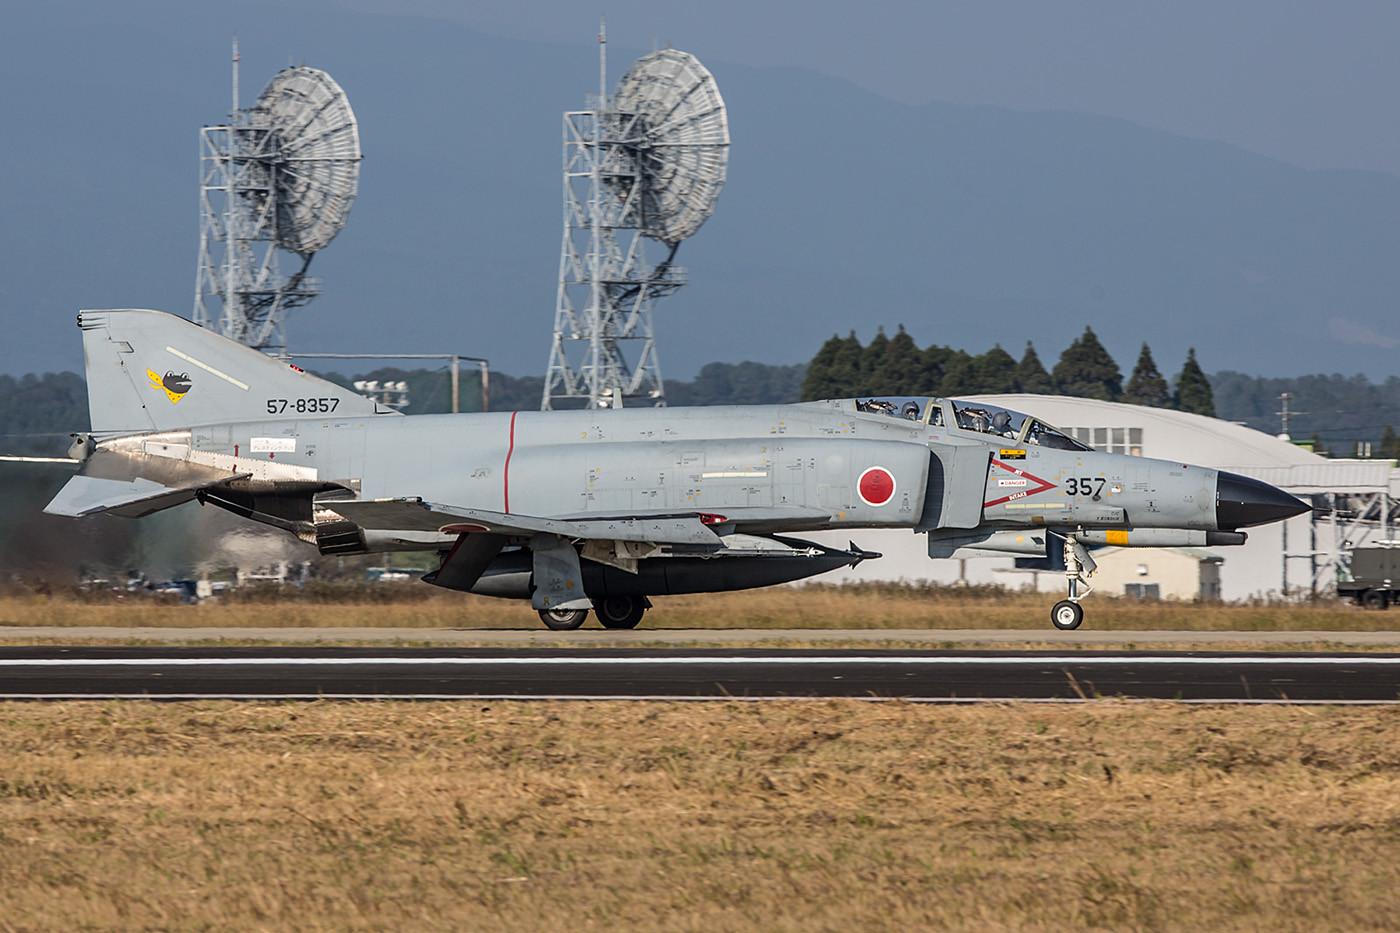 NAch der Verlegung nach Hyakuri wird sich die Zahl der verbleibenden Phantom schnell reduzieren, obwohl die Beschaffung der F-35 alles andere als im Zeitplan liegt.